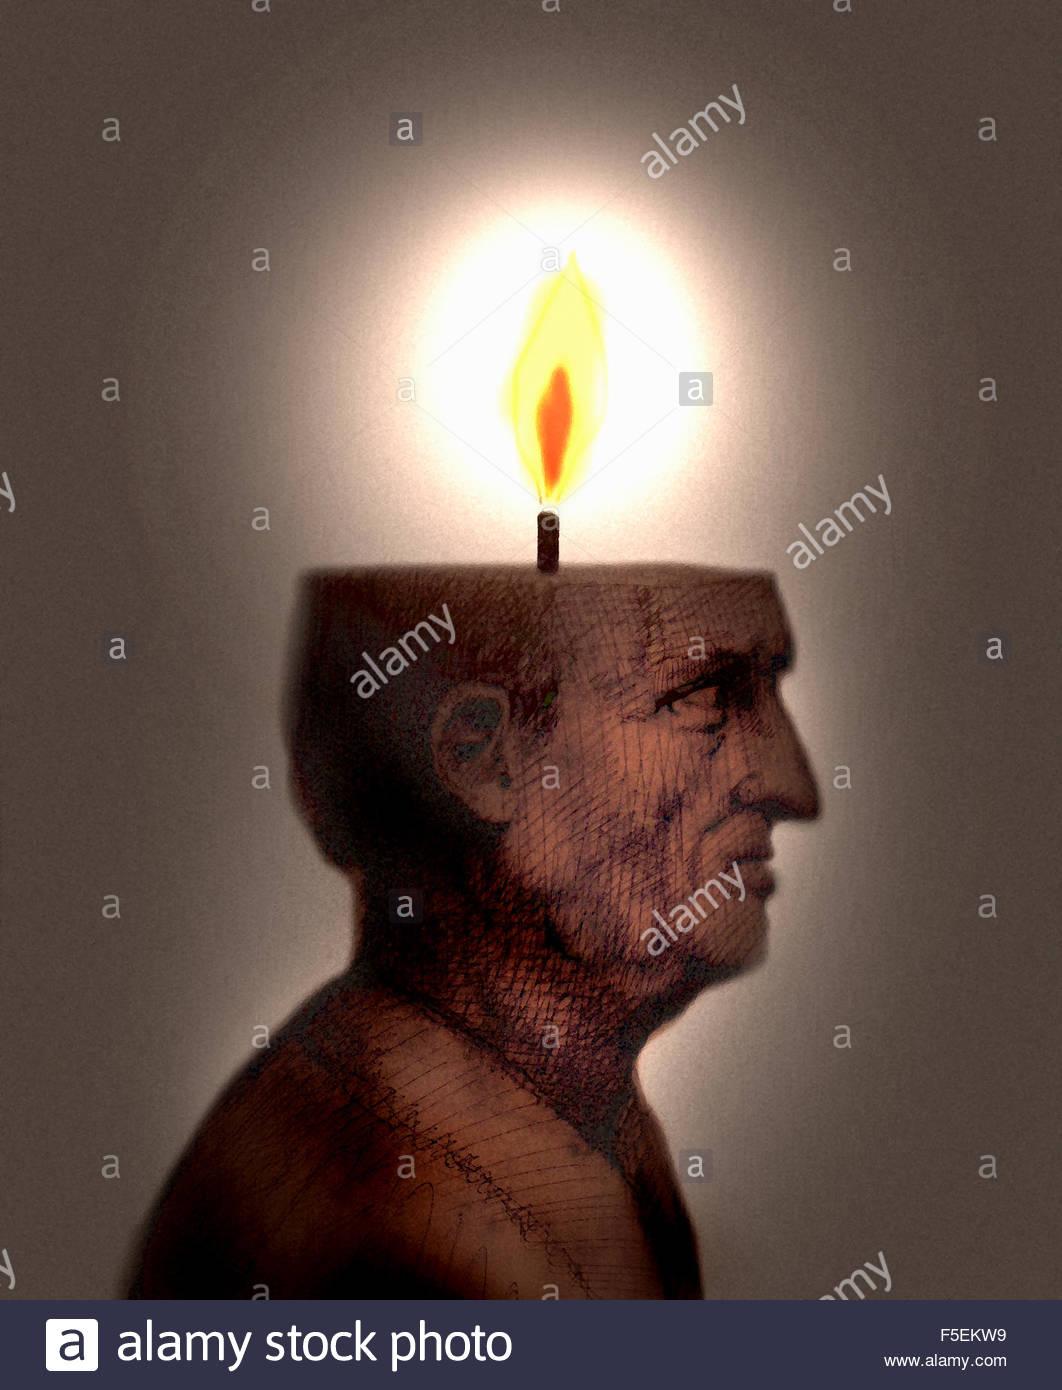 Un homme âgé avec bougie brûlant à l'intérieur de la tête Photo Stock